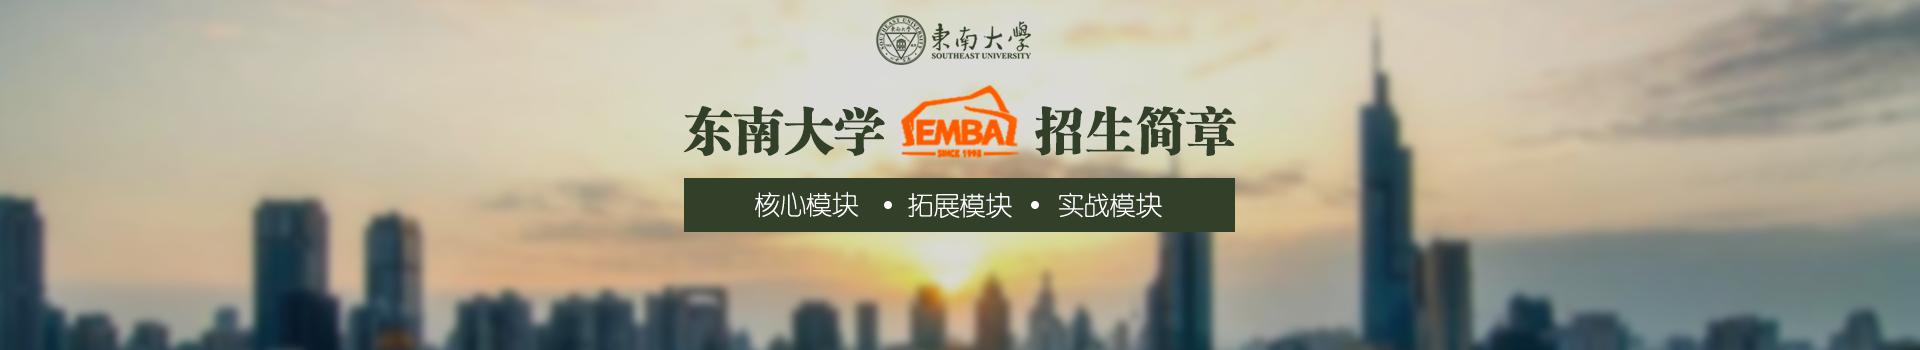 东南大学经济管理学院高级工商管理硕士EMBA招生简章